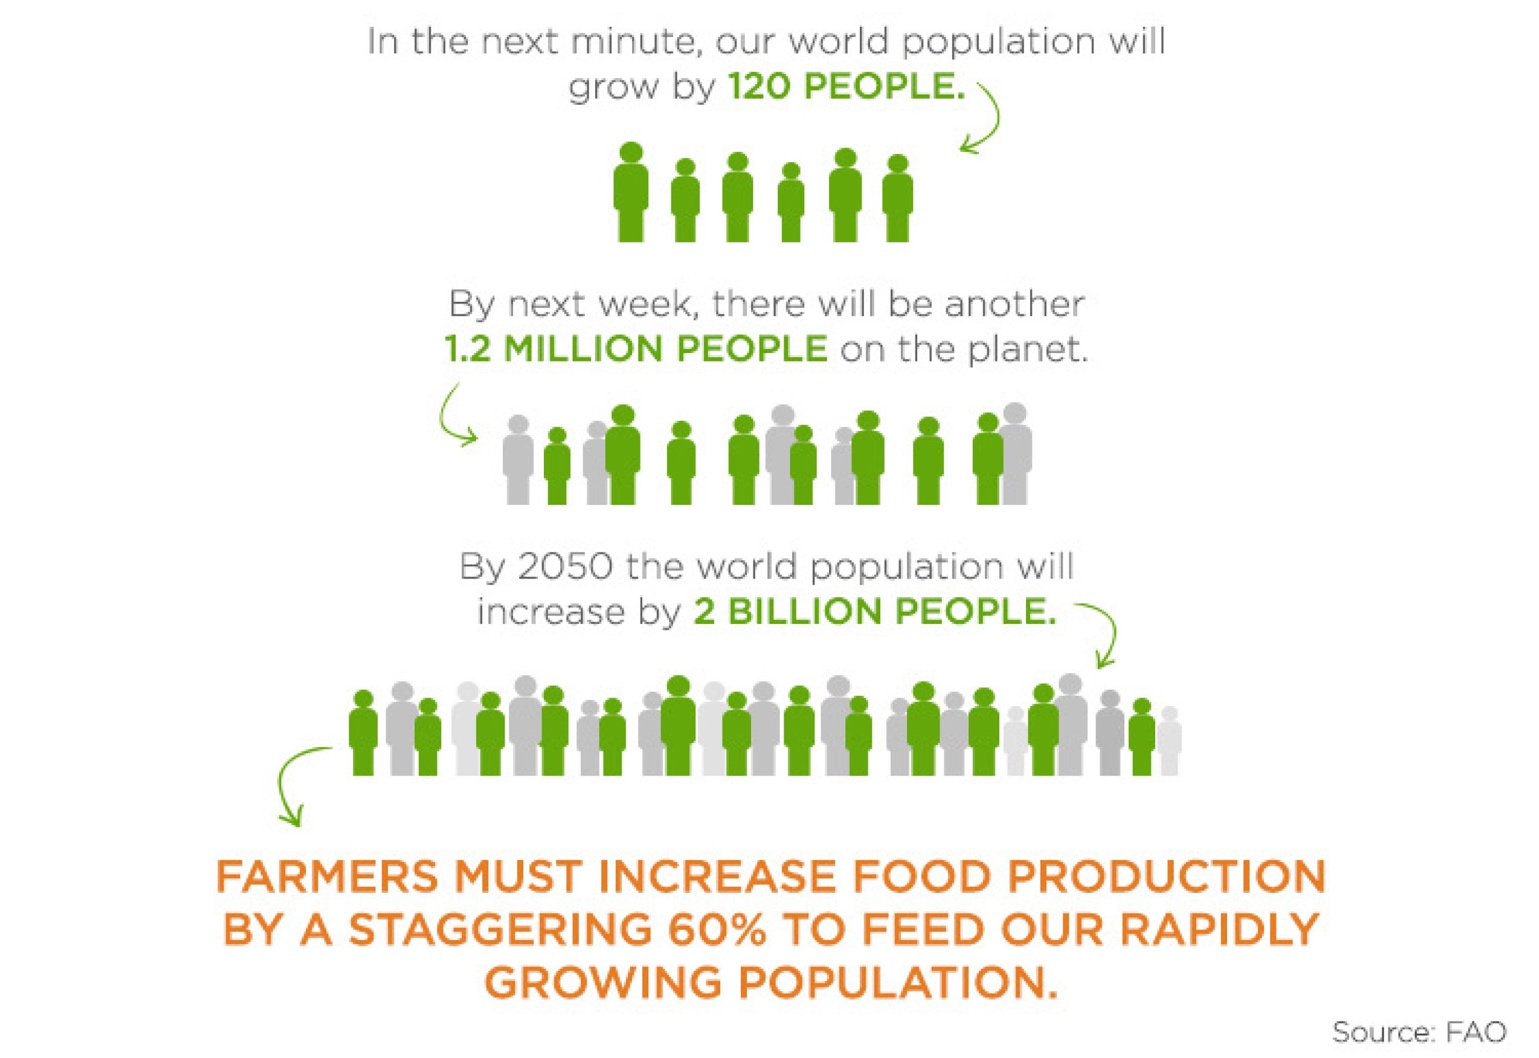 Công nghệ - Công cụ - Chính sách thúc đẩy sản xuất nông nghiệp bền vững - Ảnh 1.